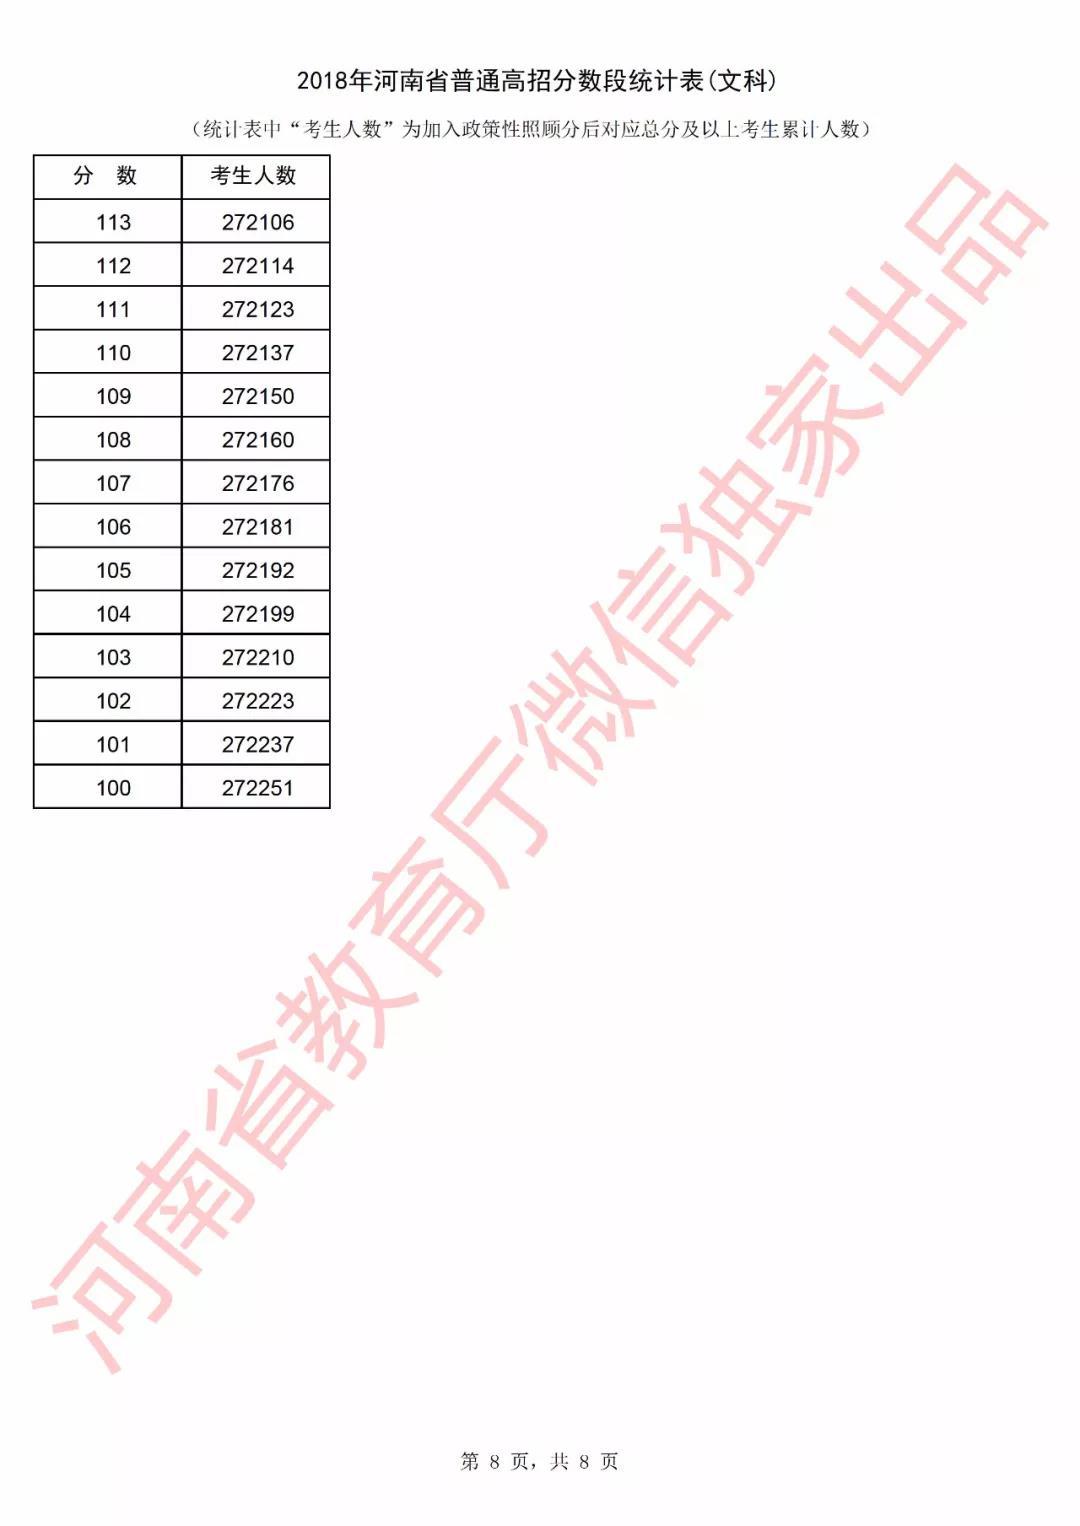 河南2018年高考文科一分一段表